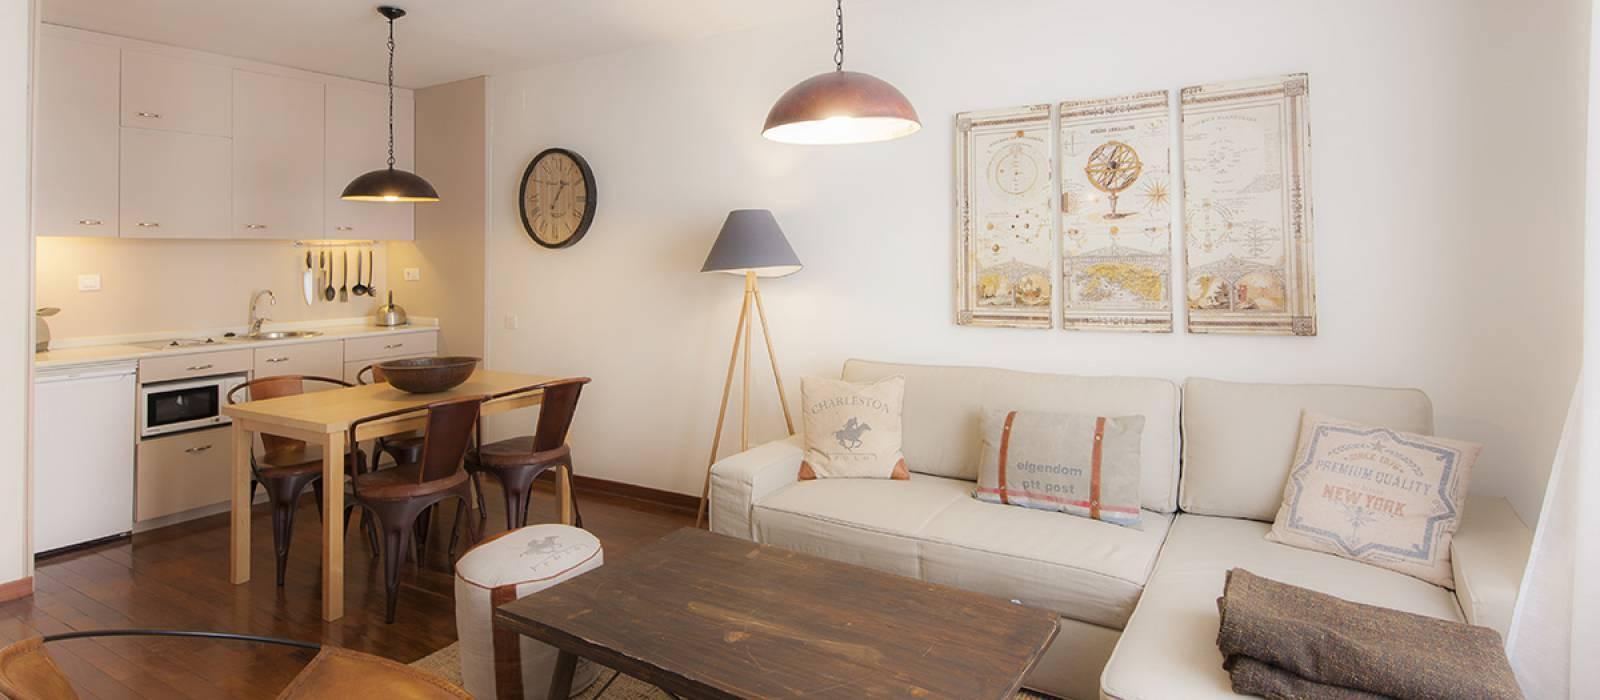 Soma Camere Hotel Madrid - Vincci Hoteles - Vincci Appartamento